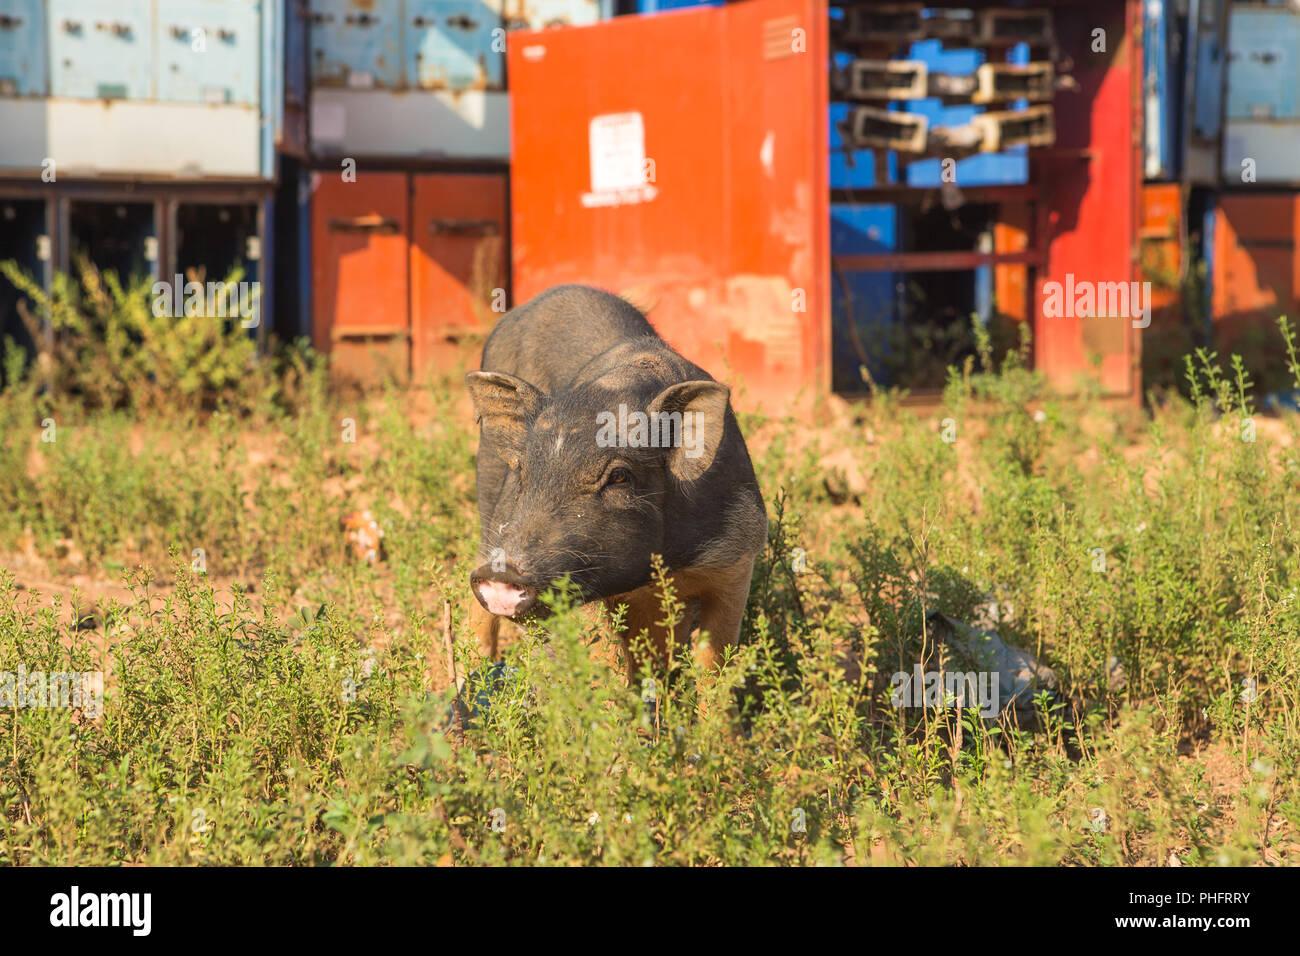 Grau Schwein, close-up auf grünem Gras Hintergrund Stockbild